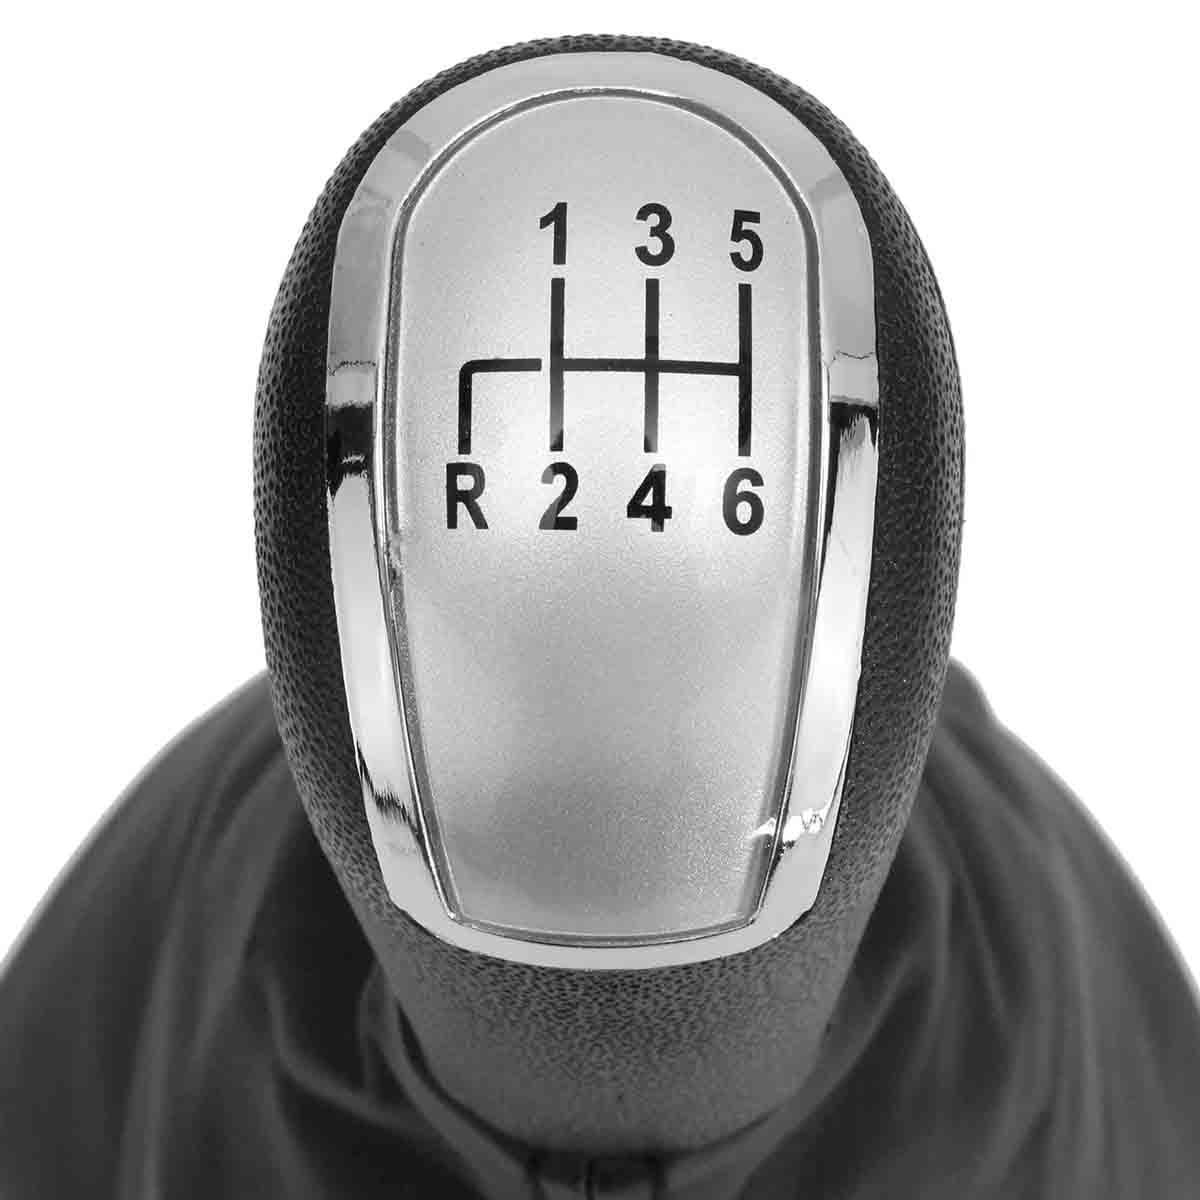 5/6 geschwindigkeit Getriebe Stick Schaltknauf Gamasche Abdeckung Silber Für Mercedes C Klasse W203 S203